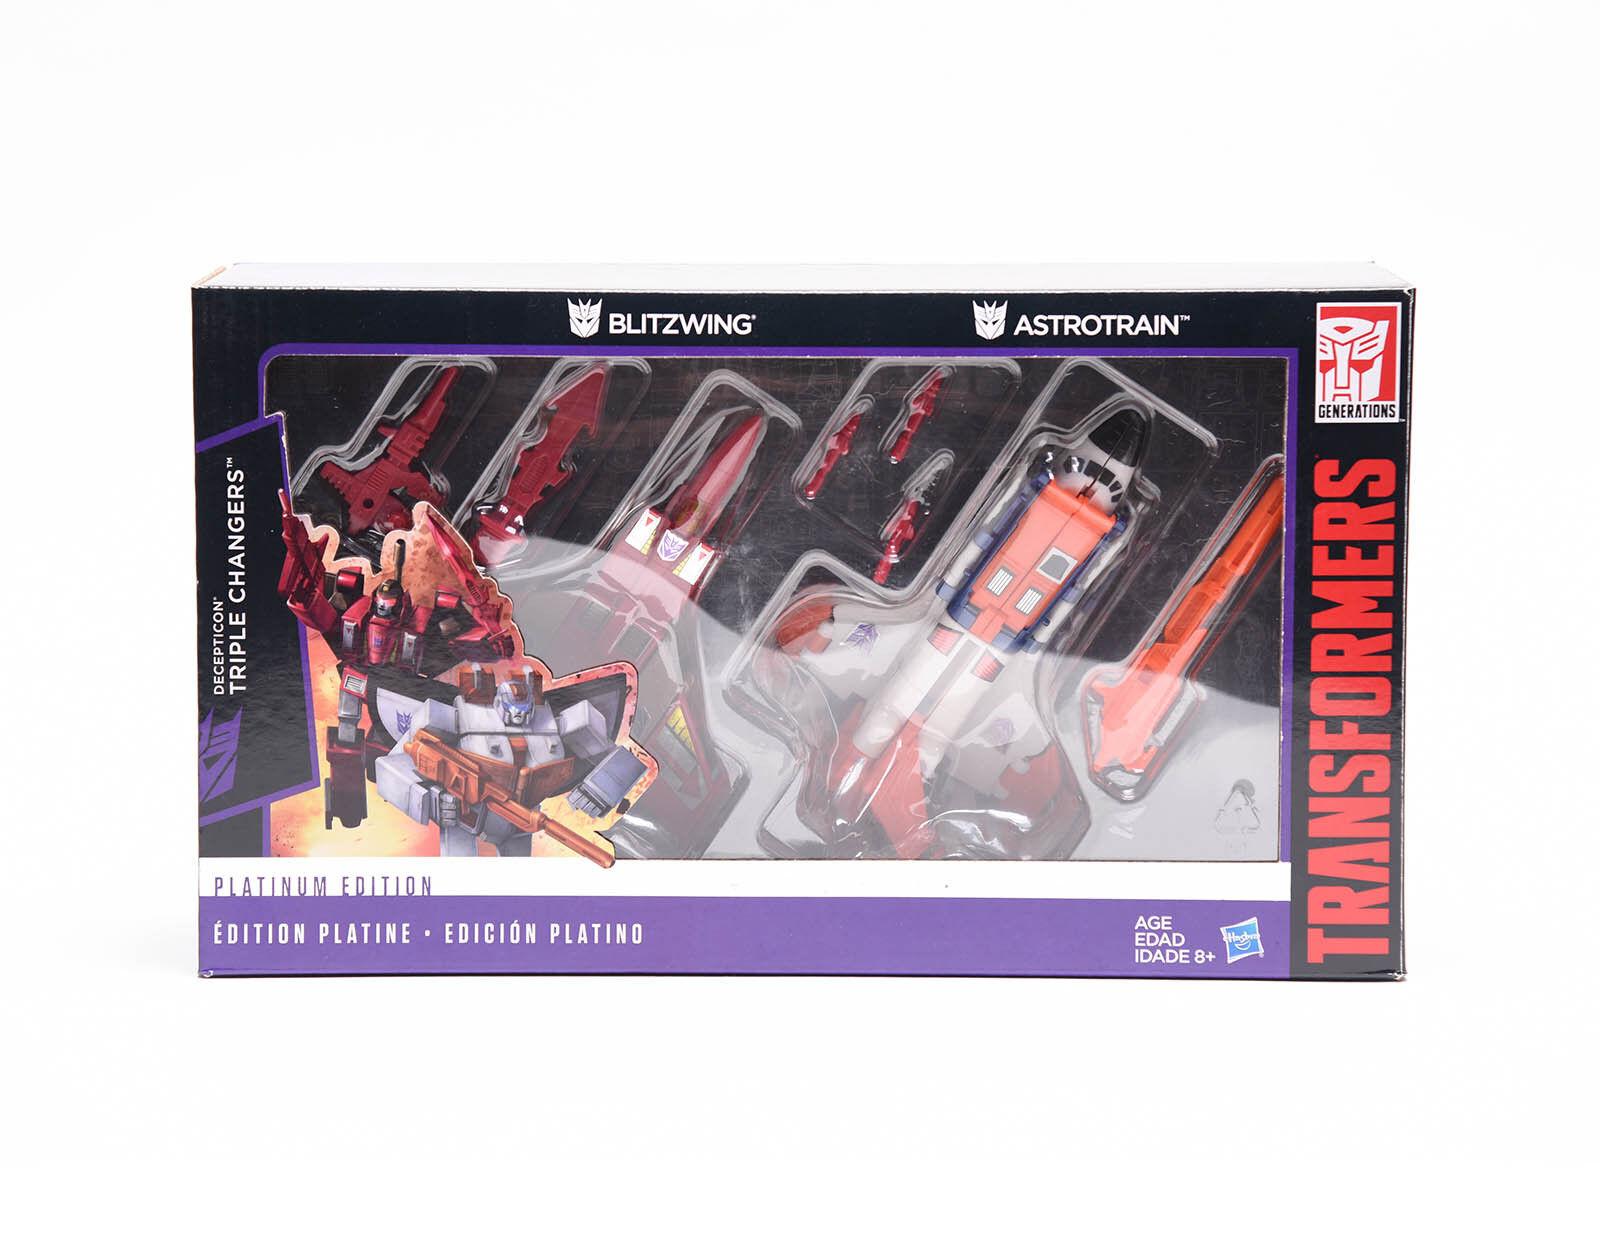 Mejor precio Transformers Hasbro G1 G1 G1 K.O. Platinum Edition Astrojorain Blitzwing Cambiadores Triple  mejor reputación